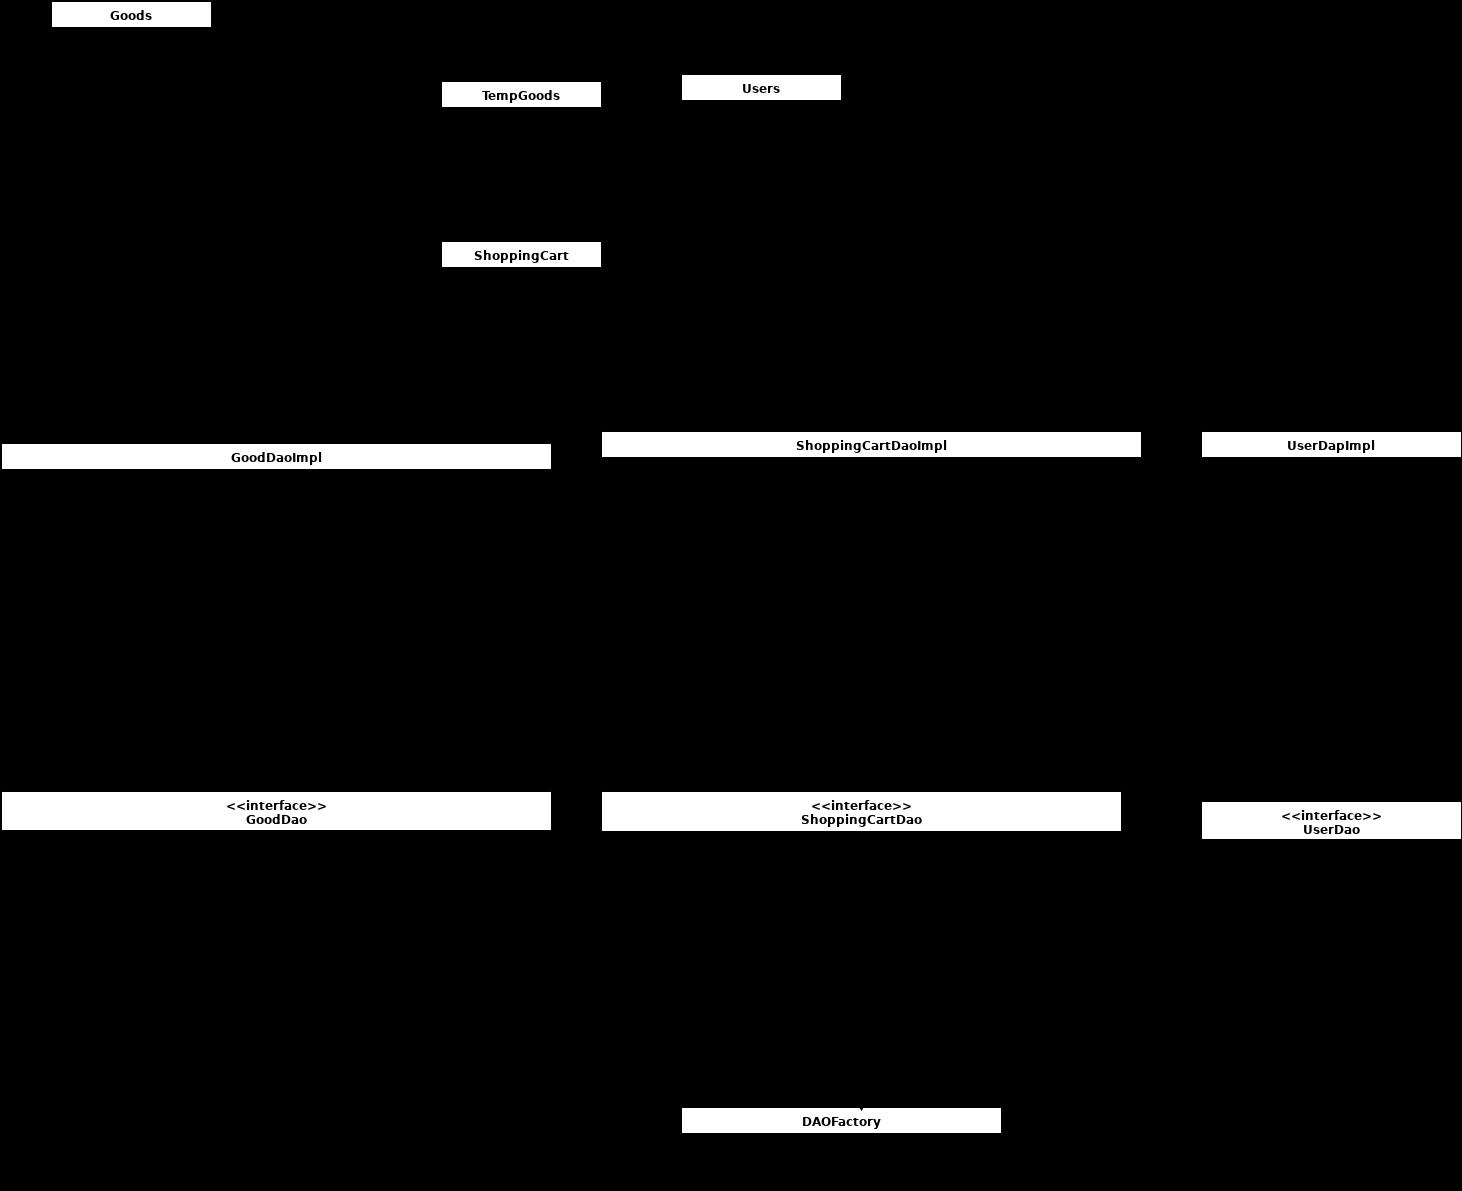 毕设商城系统类图.xml